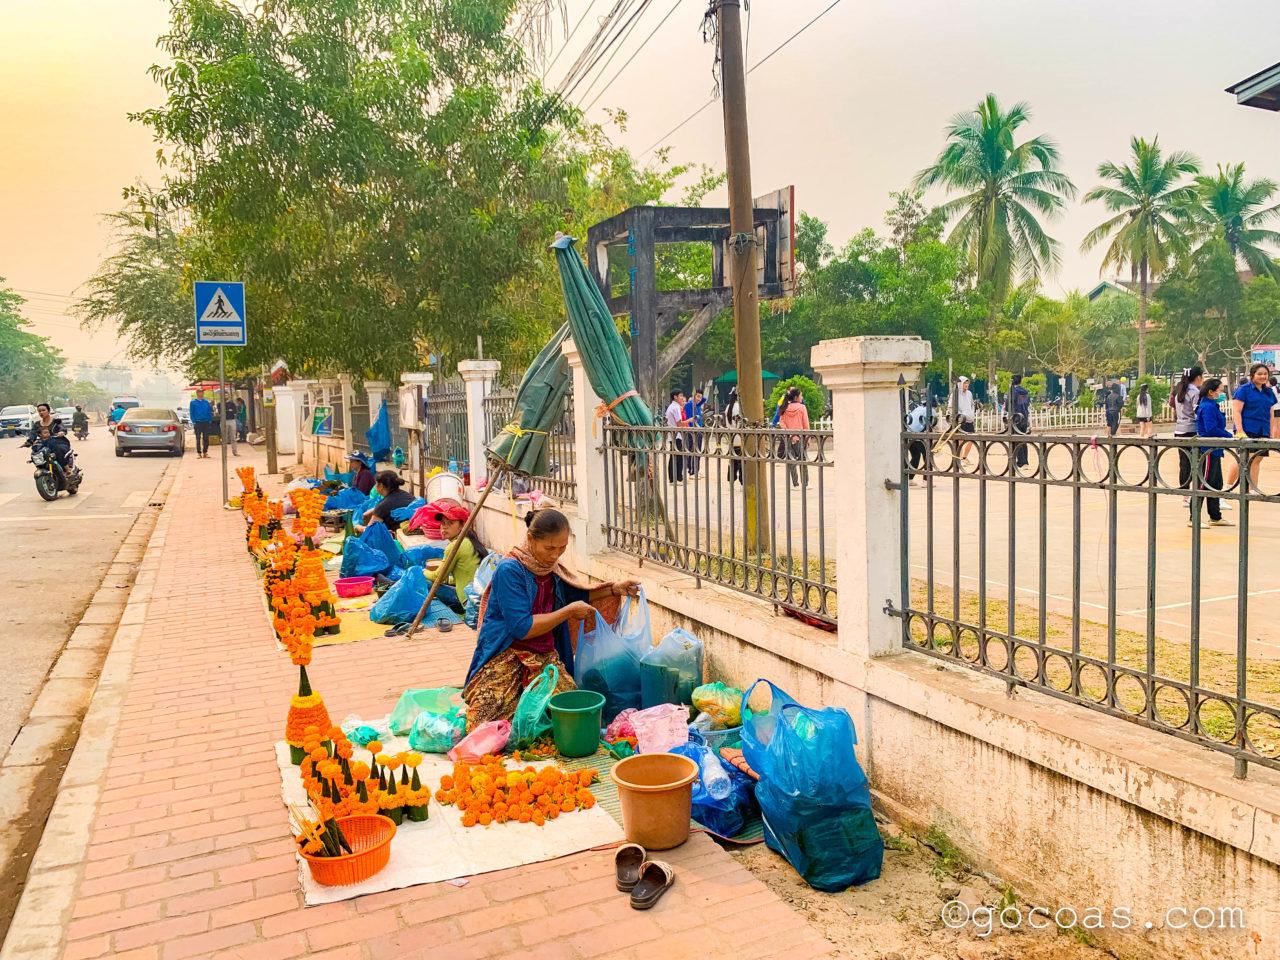 ルアンパバーンの街中の歩道でお花を売る人たち